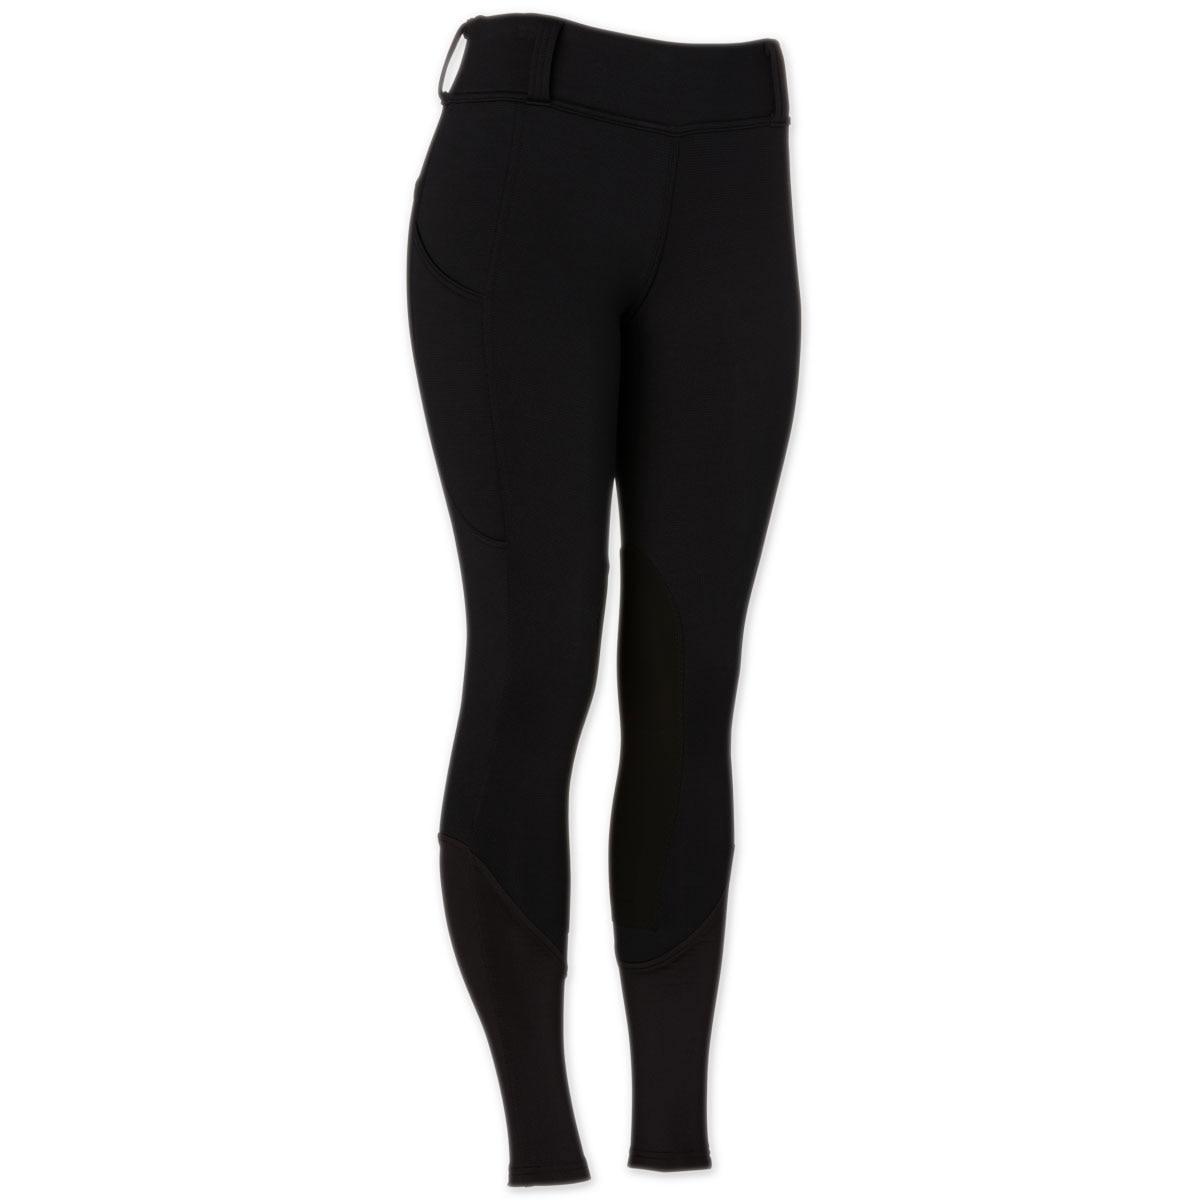 Kerrits Sit Tight N Warm Pocket Knee Patch